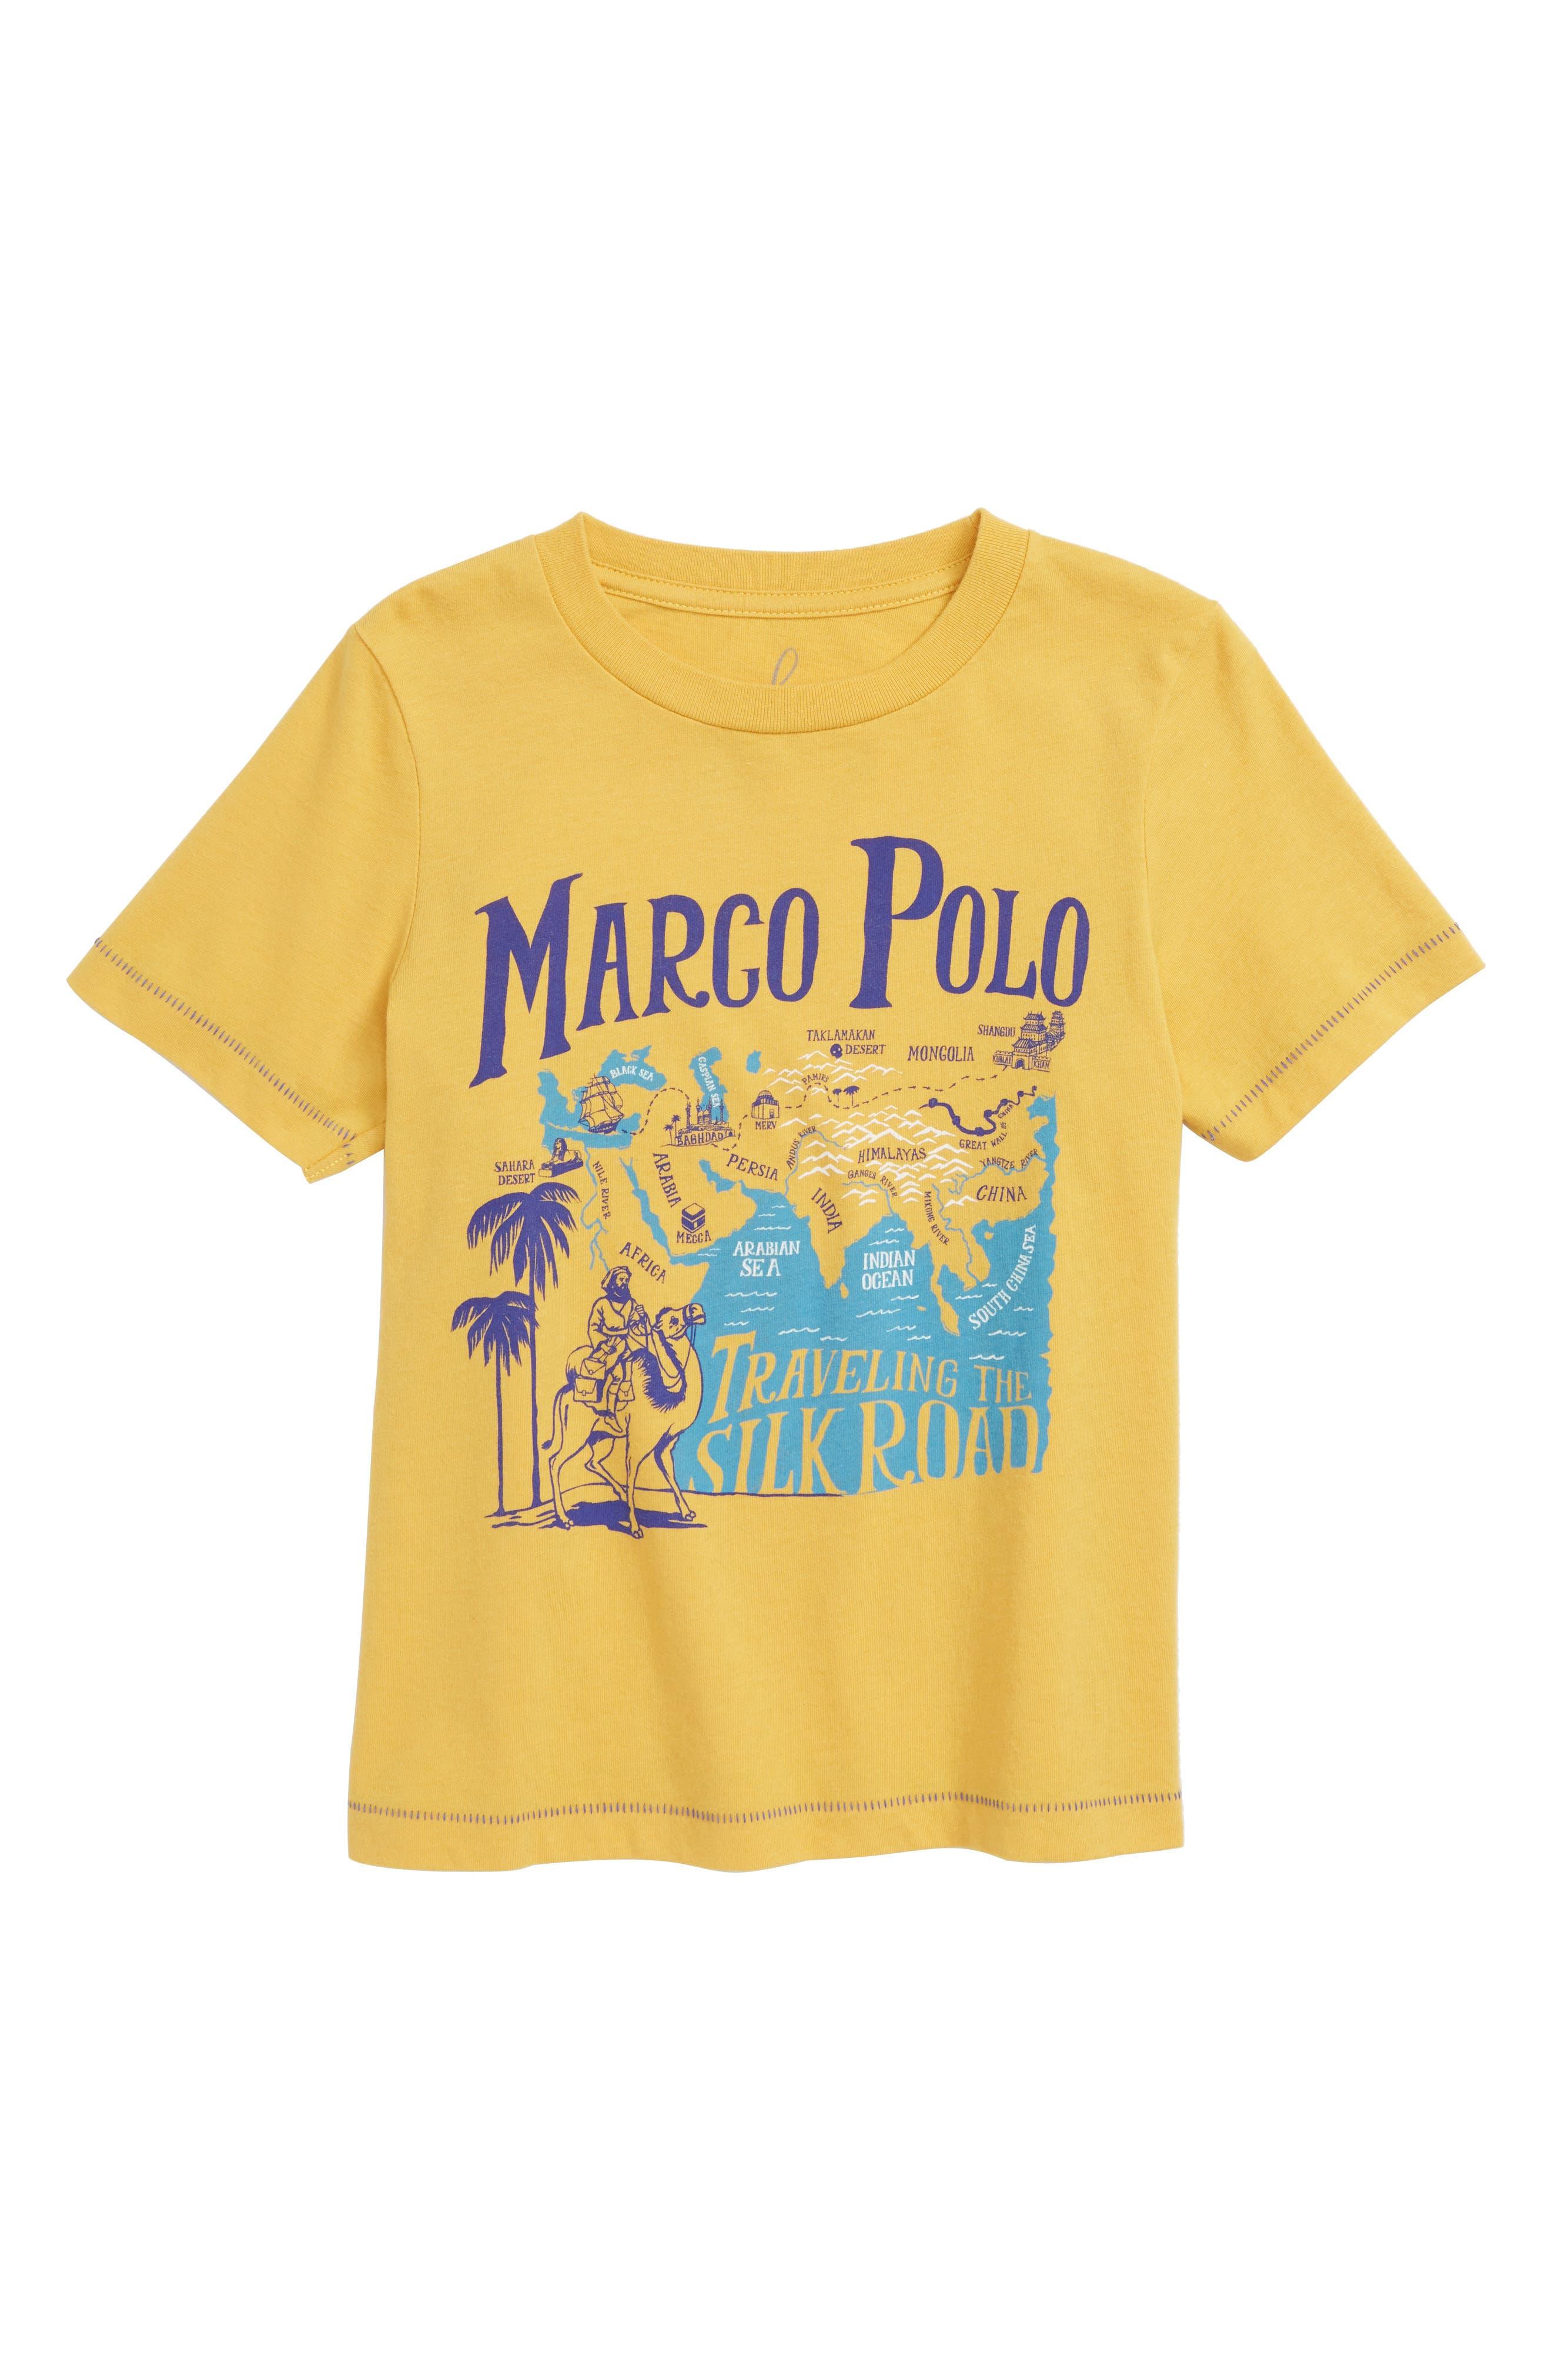 Silk Road T-Shirt,                             Main thumbnail 1, color,                             MUSTARD